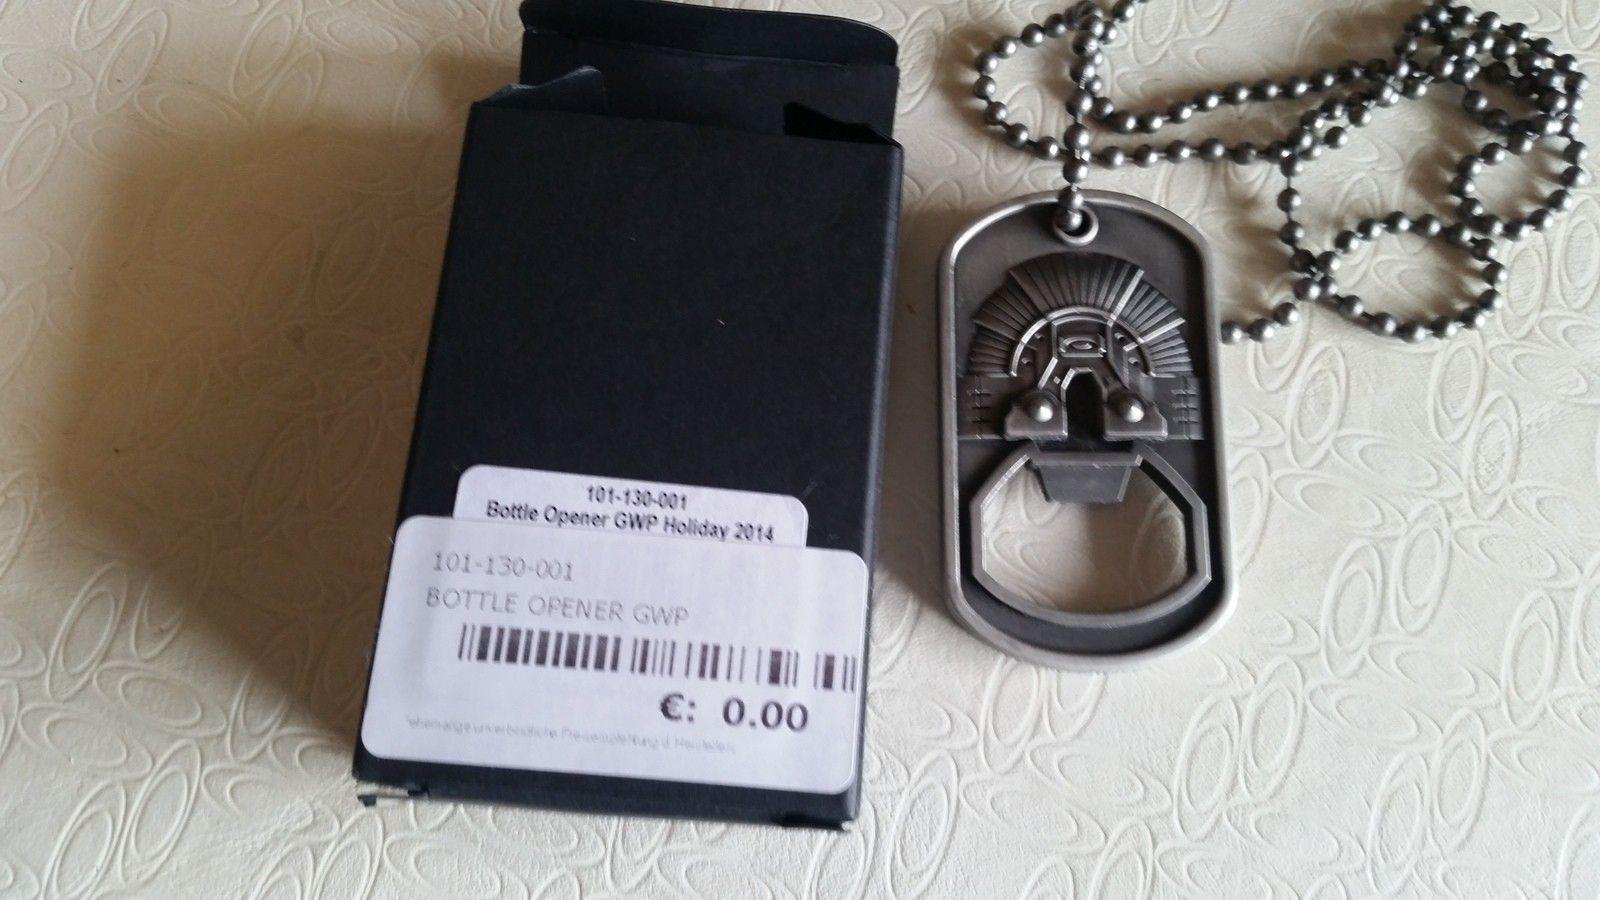 Everything Juliet, OTT, lenses, rubbers, accessories - uploadfromtaptalk1434919686188.jpg